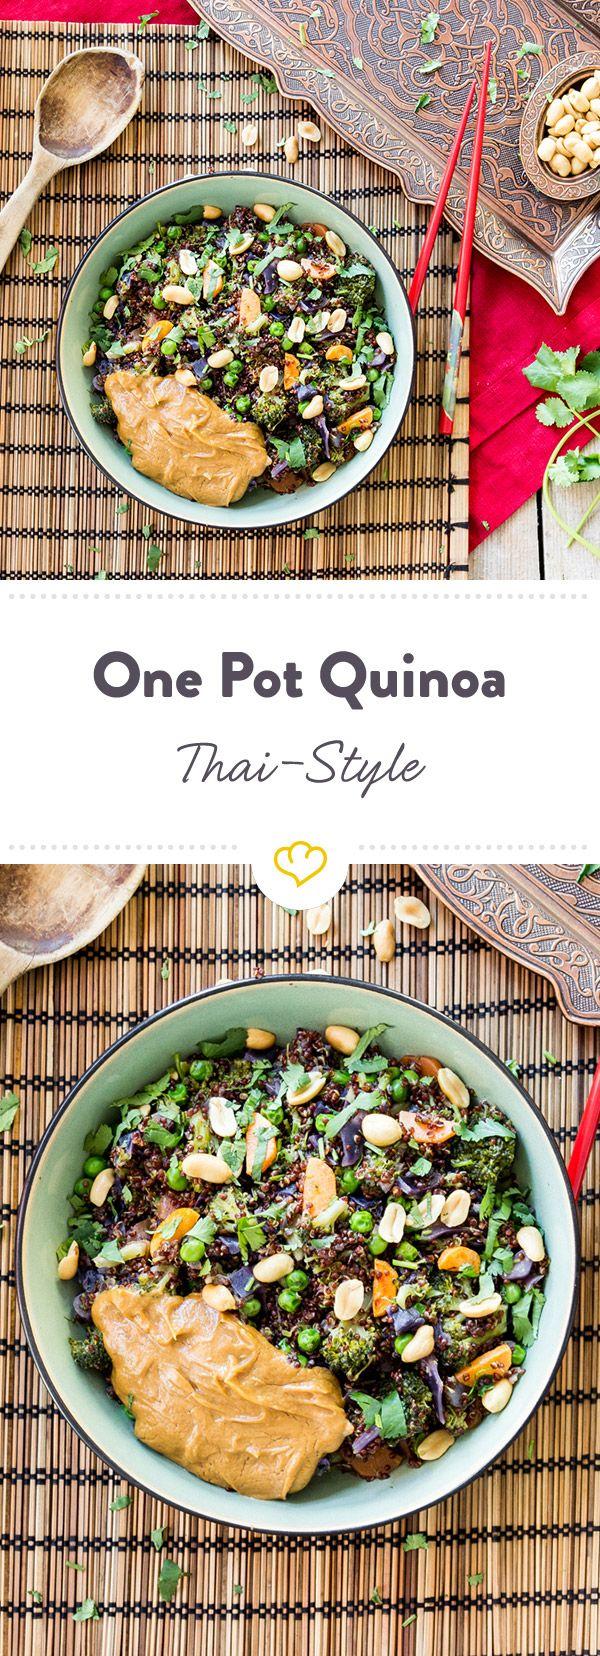 Erdnussbutter macht alles ein bisschen besser. Und verwandelt sich mit Reisessig, Sojasauce und Chiliflocken zum perfekten Begleiter für Quinoa.